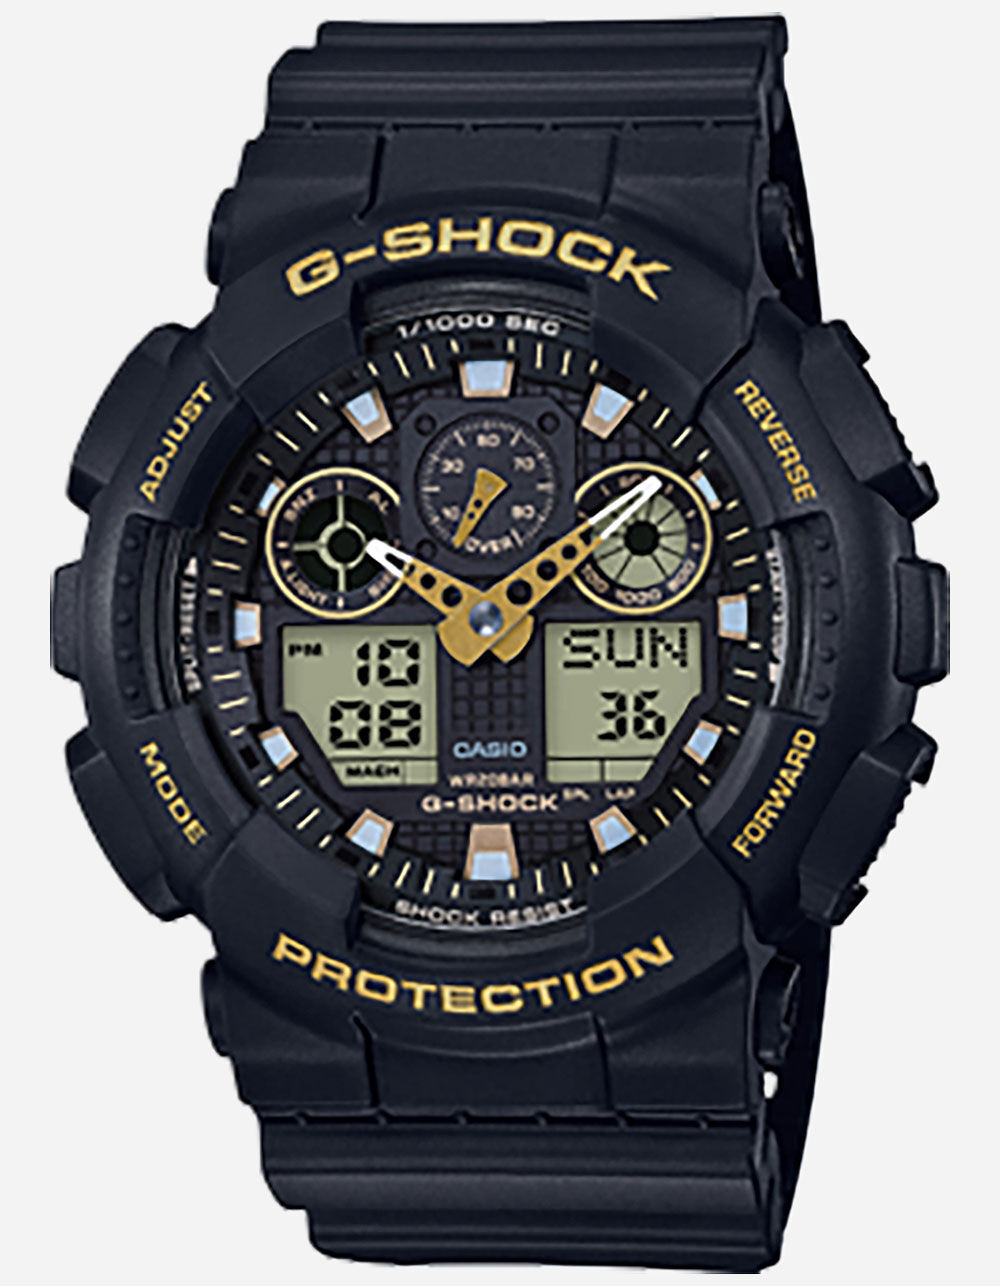 G-SHOCK GA100GBX-1A9 Watch